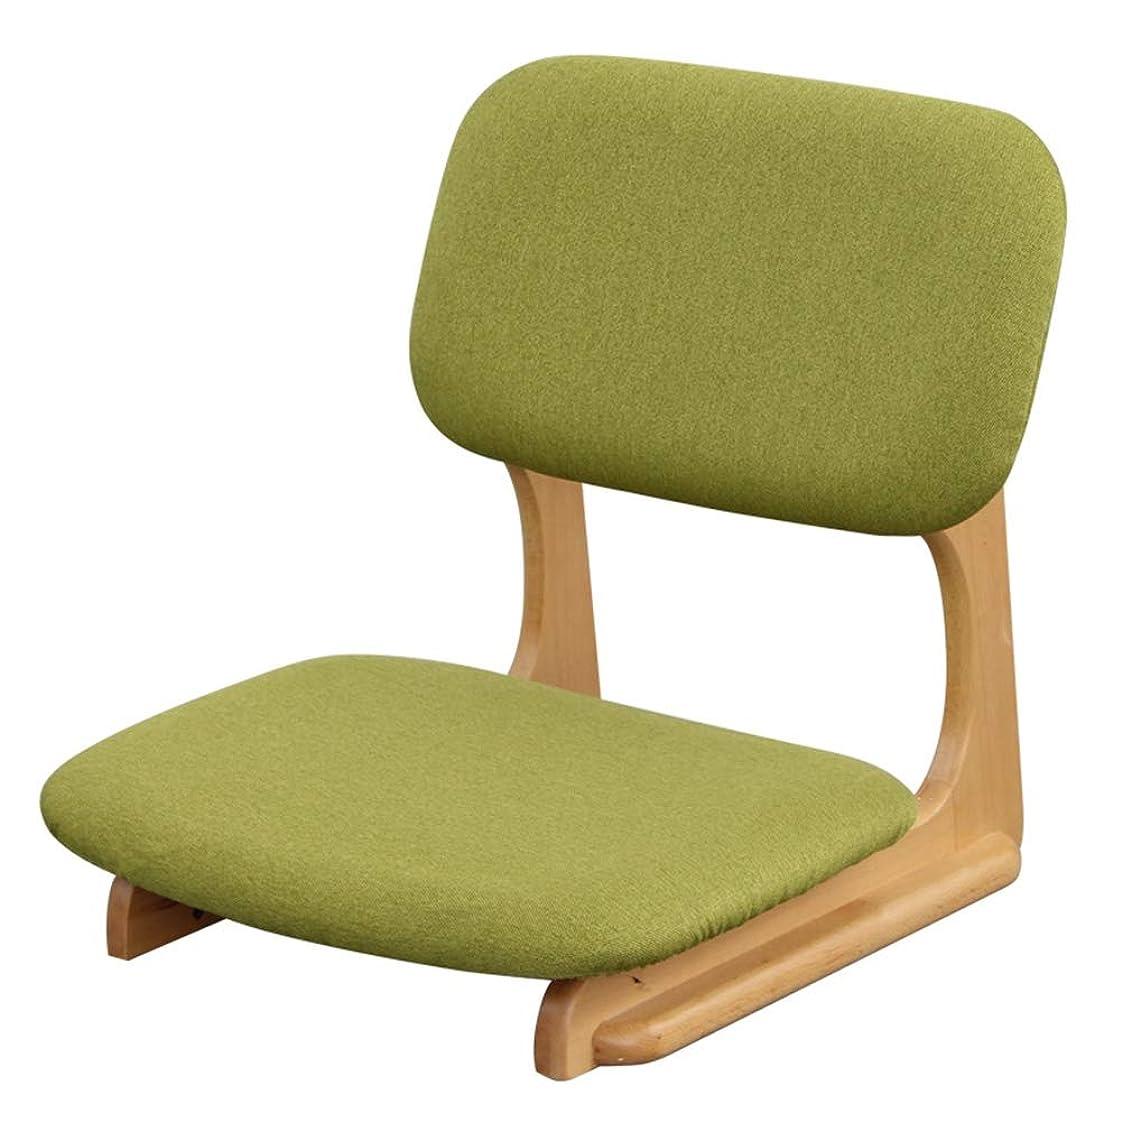 従順な名前で猛烈なフロアーチェア 和座 座椅子 子供の教室用の小さな床椅子、リビングルームのベッドルームバルコニー用の日本の携帯用布団ゲームソファ、木製フレーム (Color : Green)